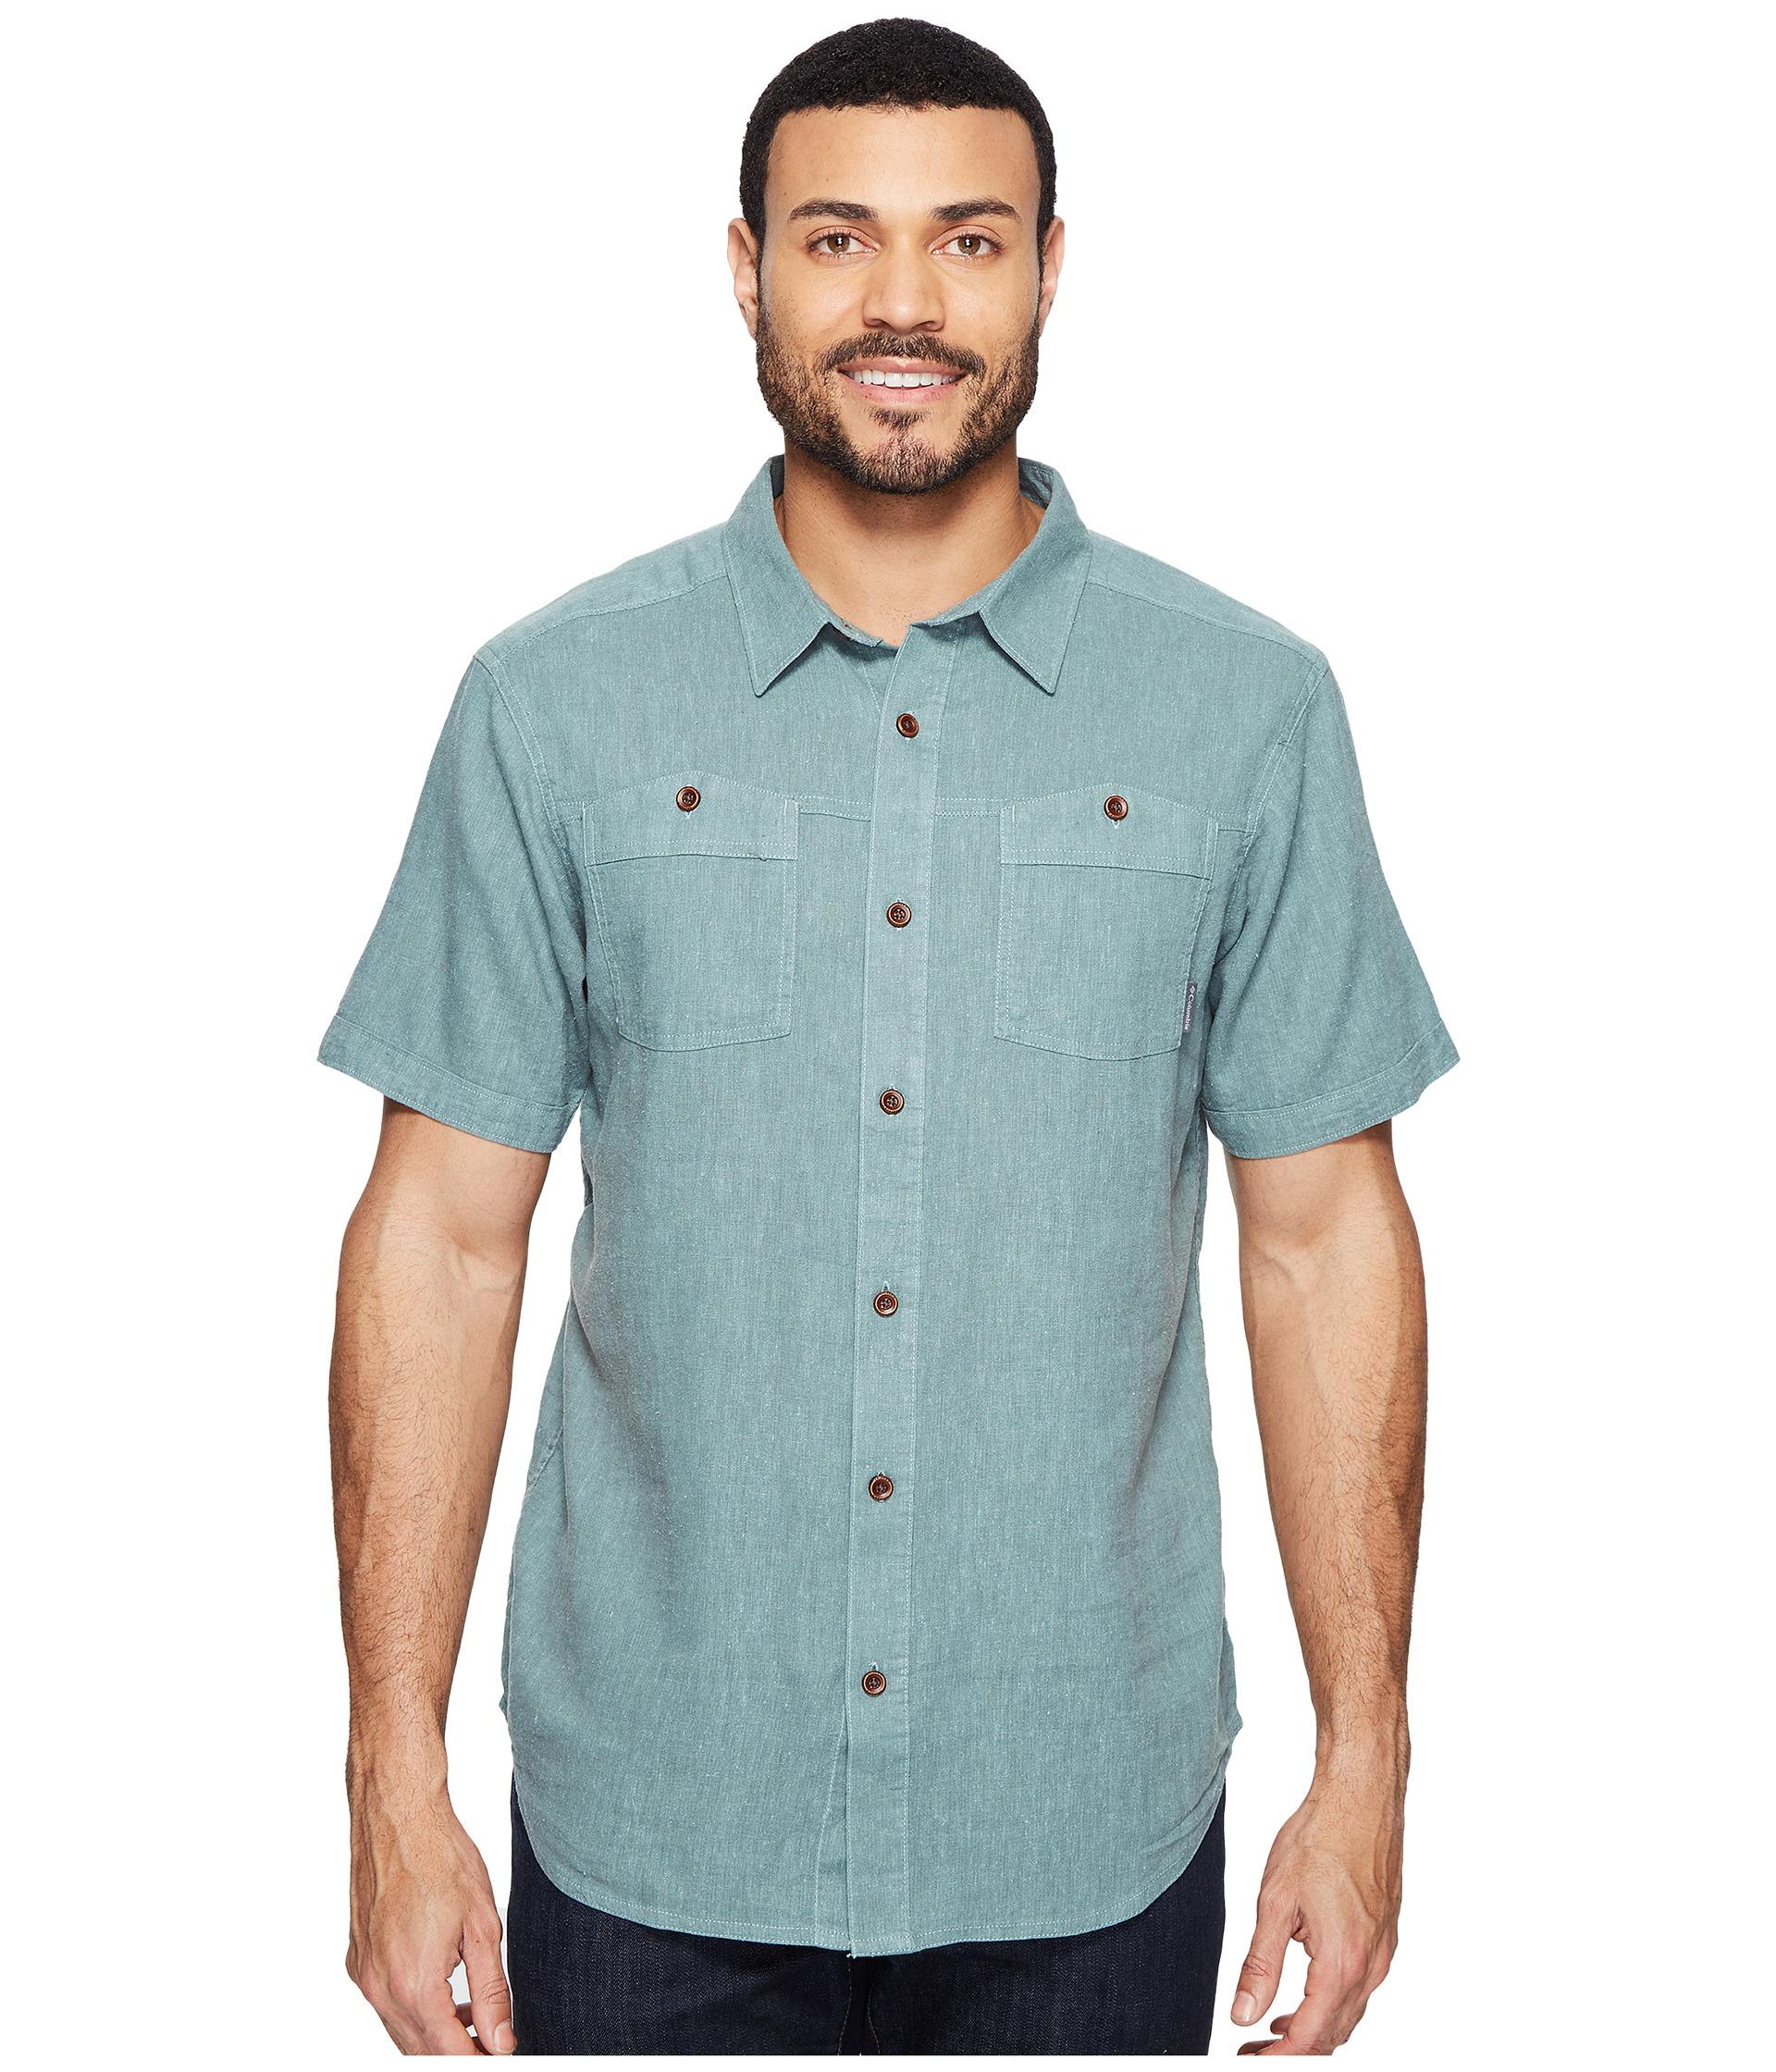 Columbia Southridge Short Sleeve Shirt At